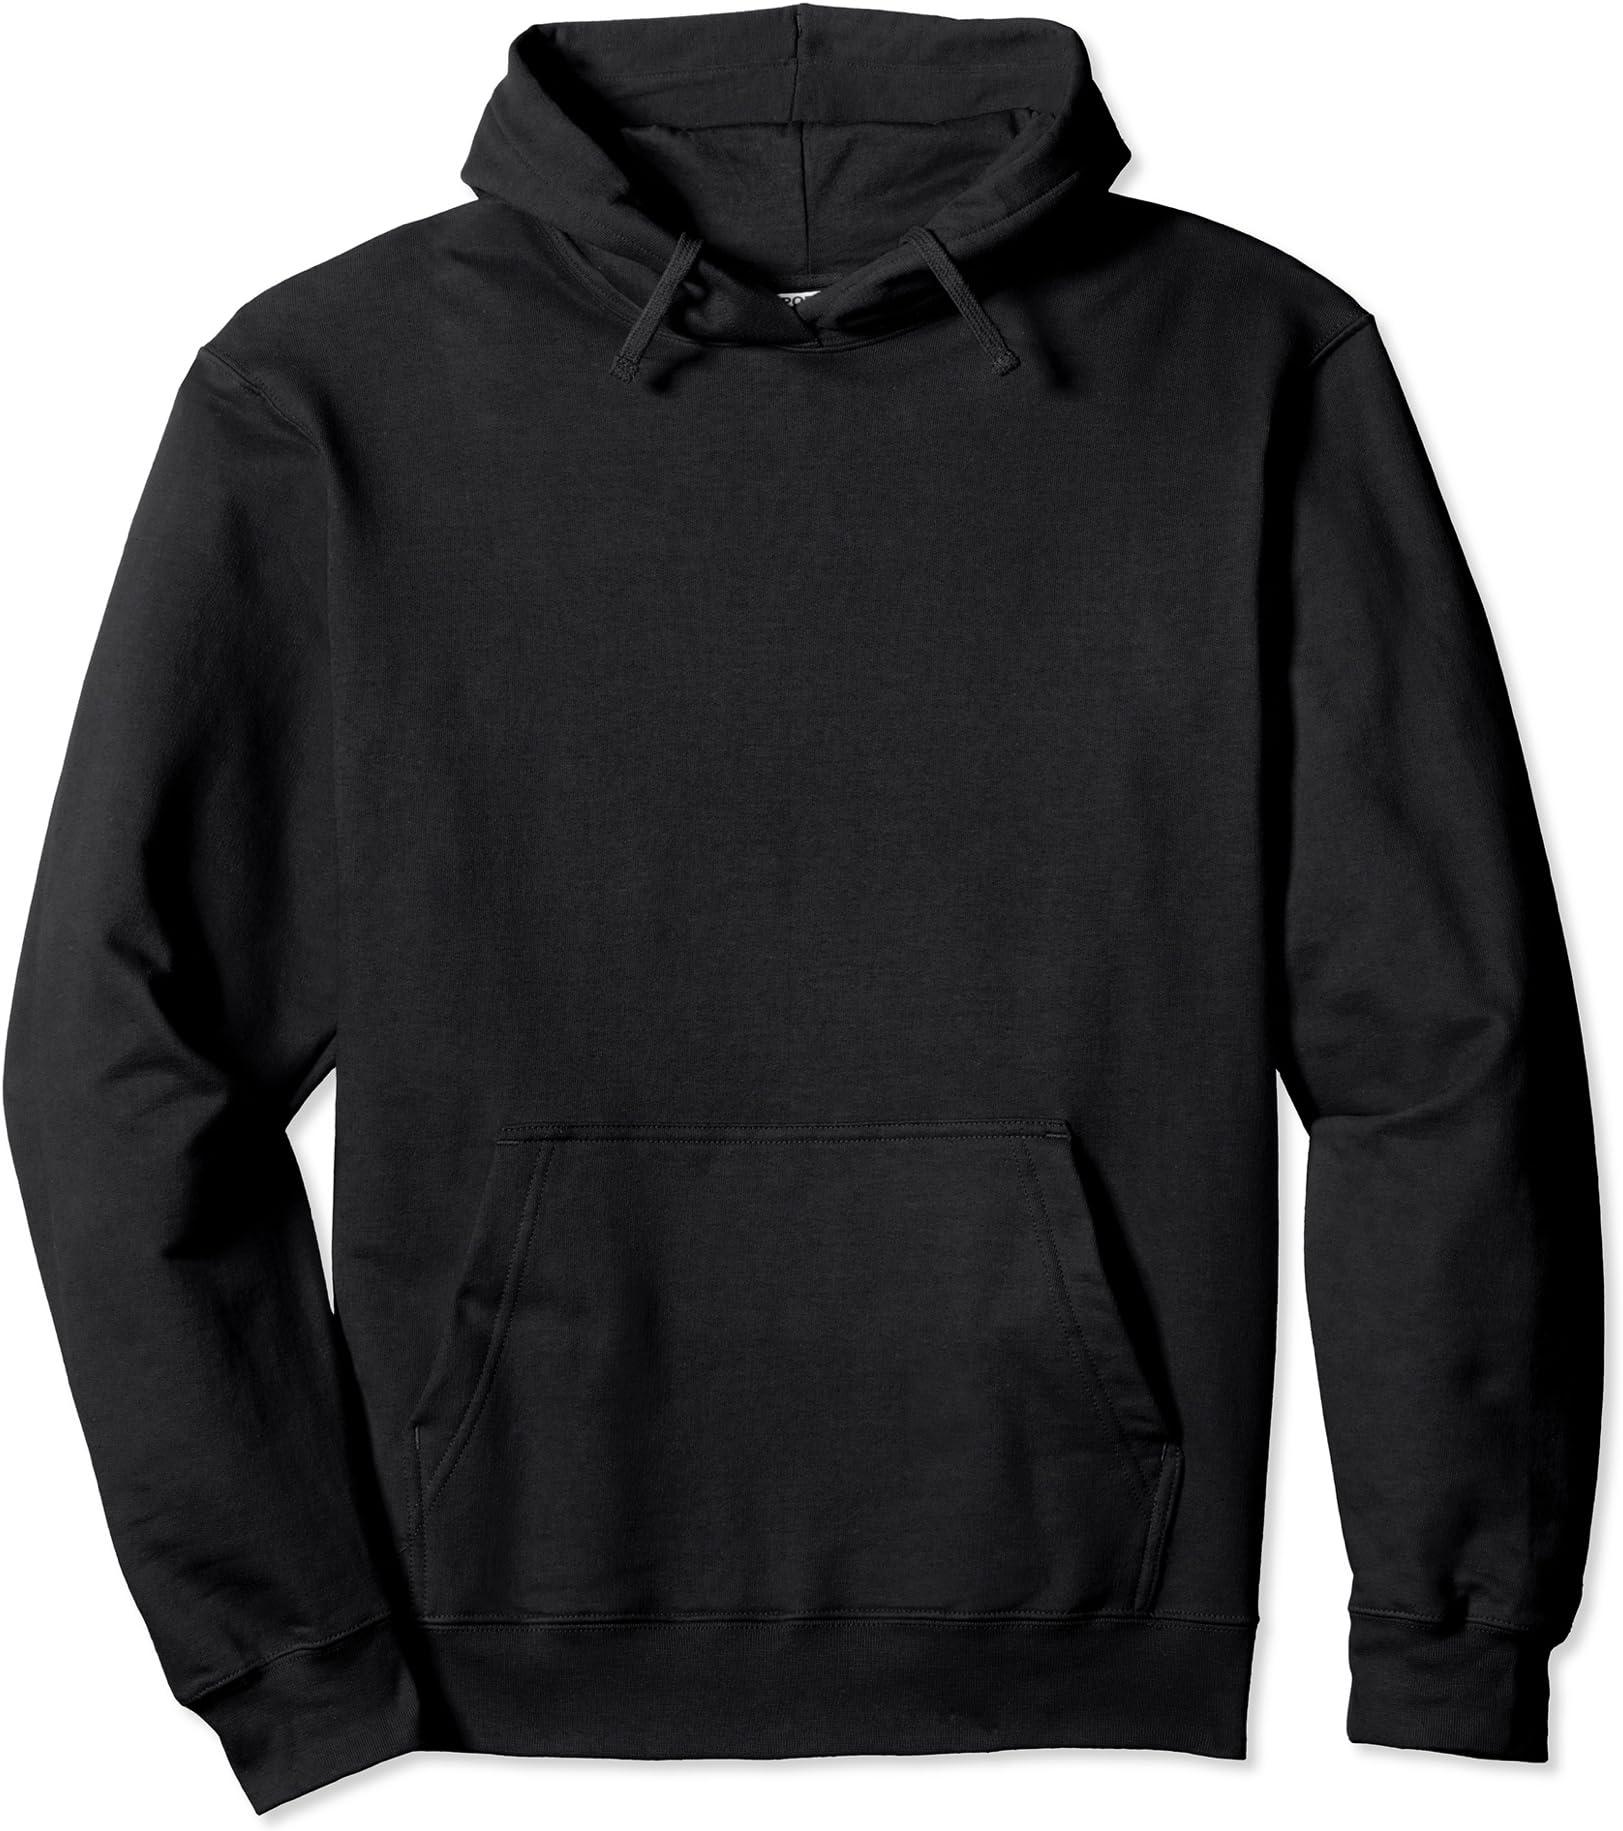 17th Airborne Division Mens Hooded Sweatshirt Theme Printed Fashion Hoodie